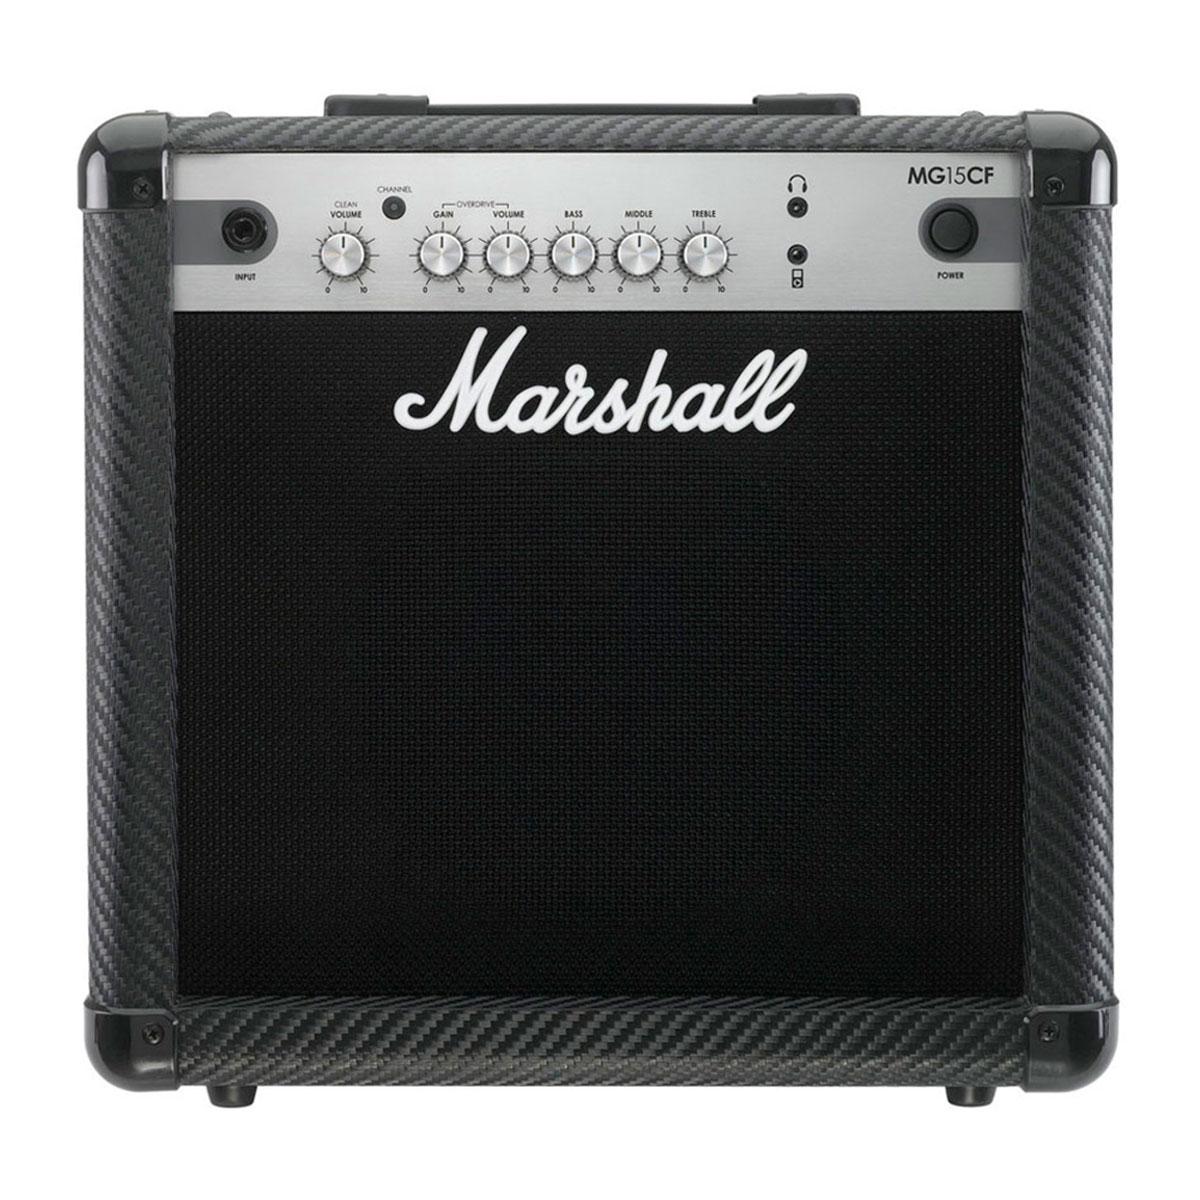 MG15CF - Amplificador Combo p/ Guitarra Carbon Fiber MG 15 CF - Marshall